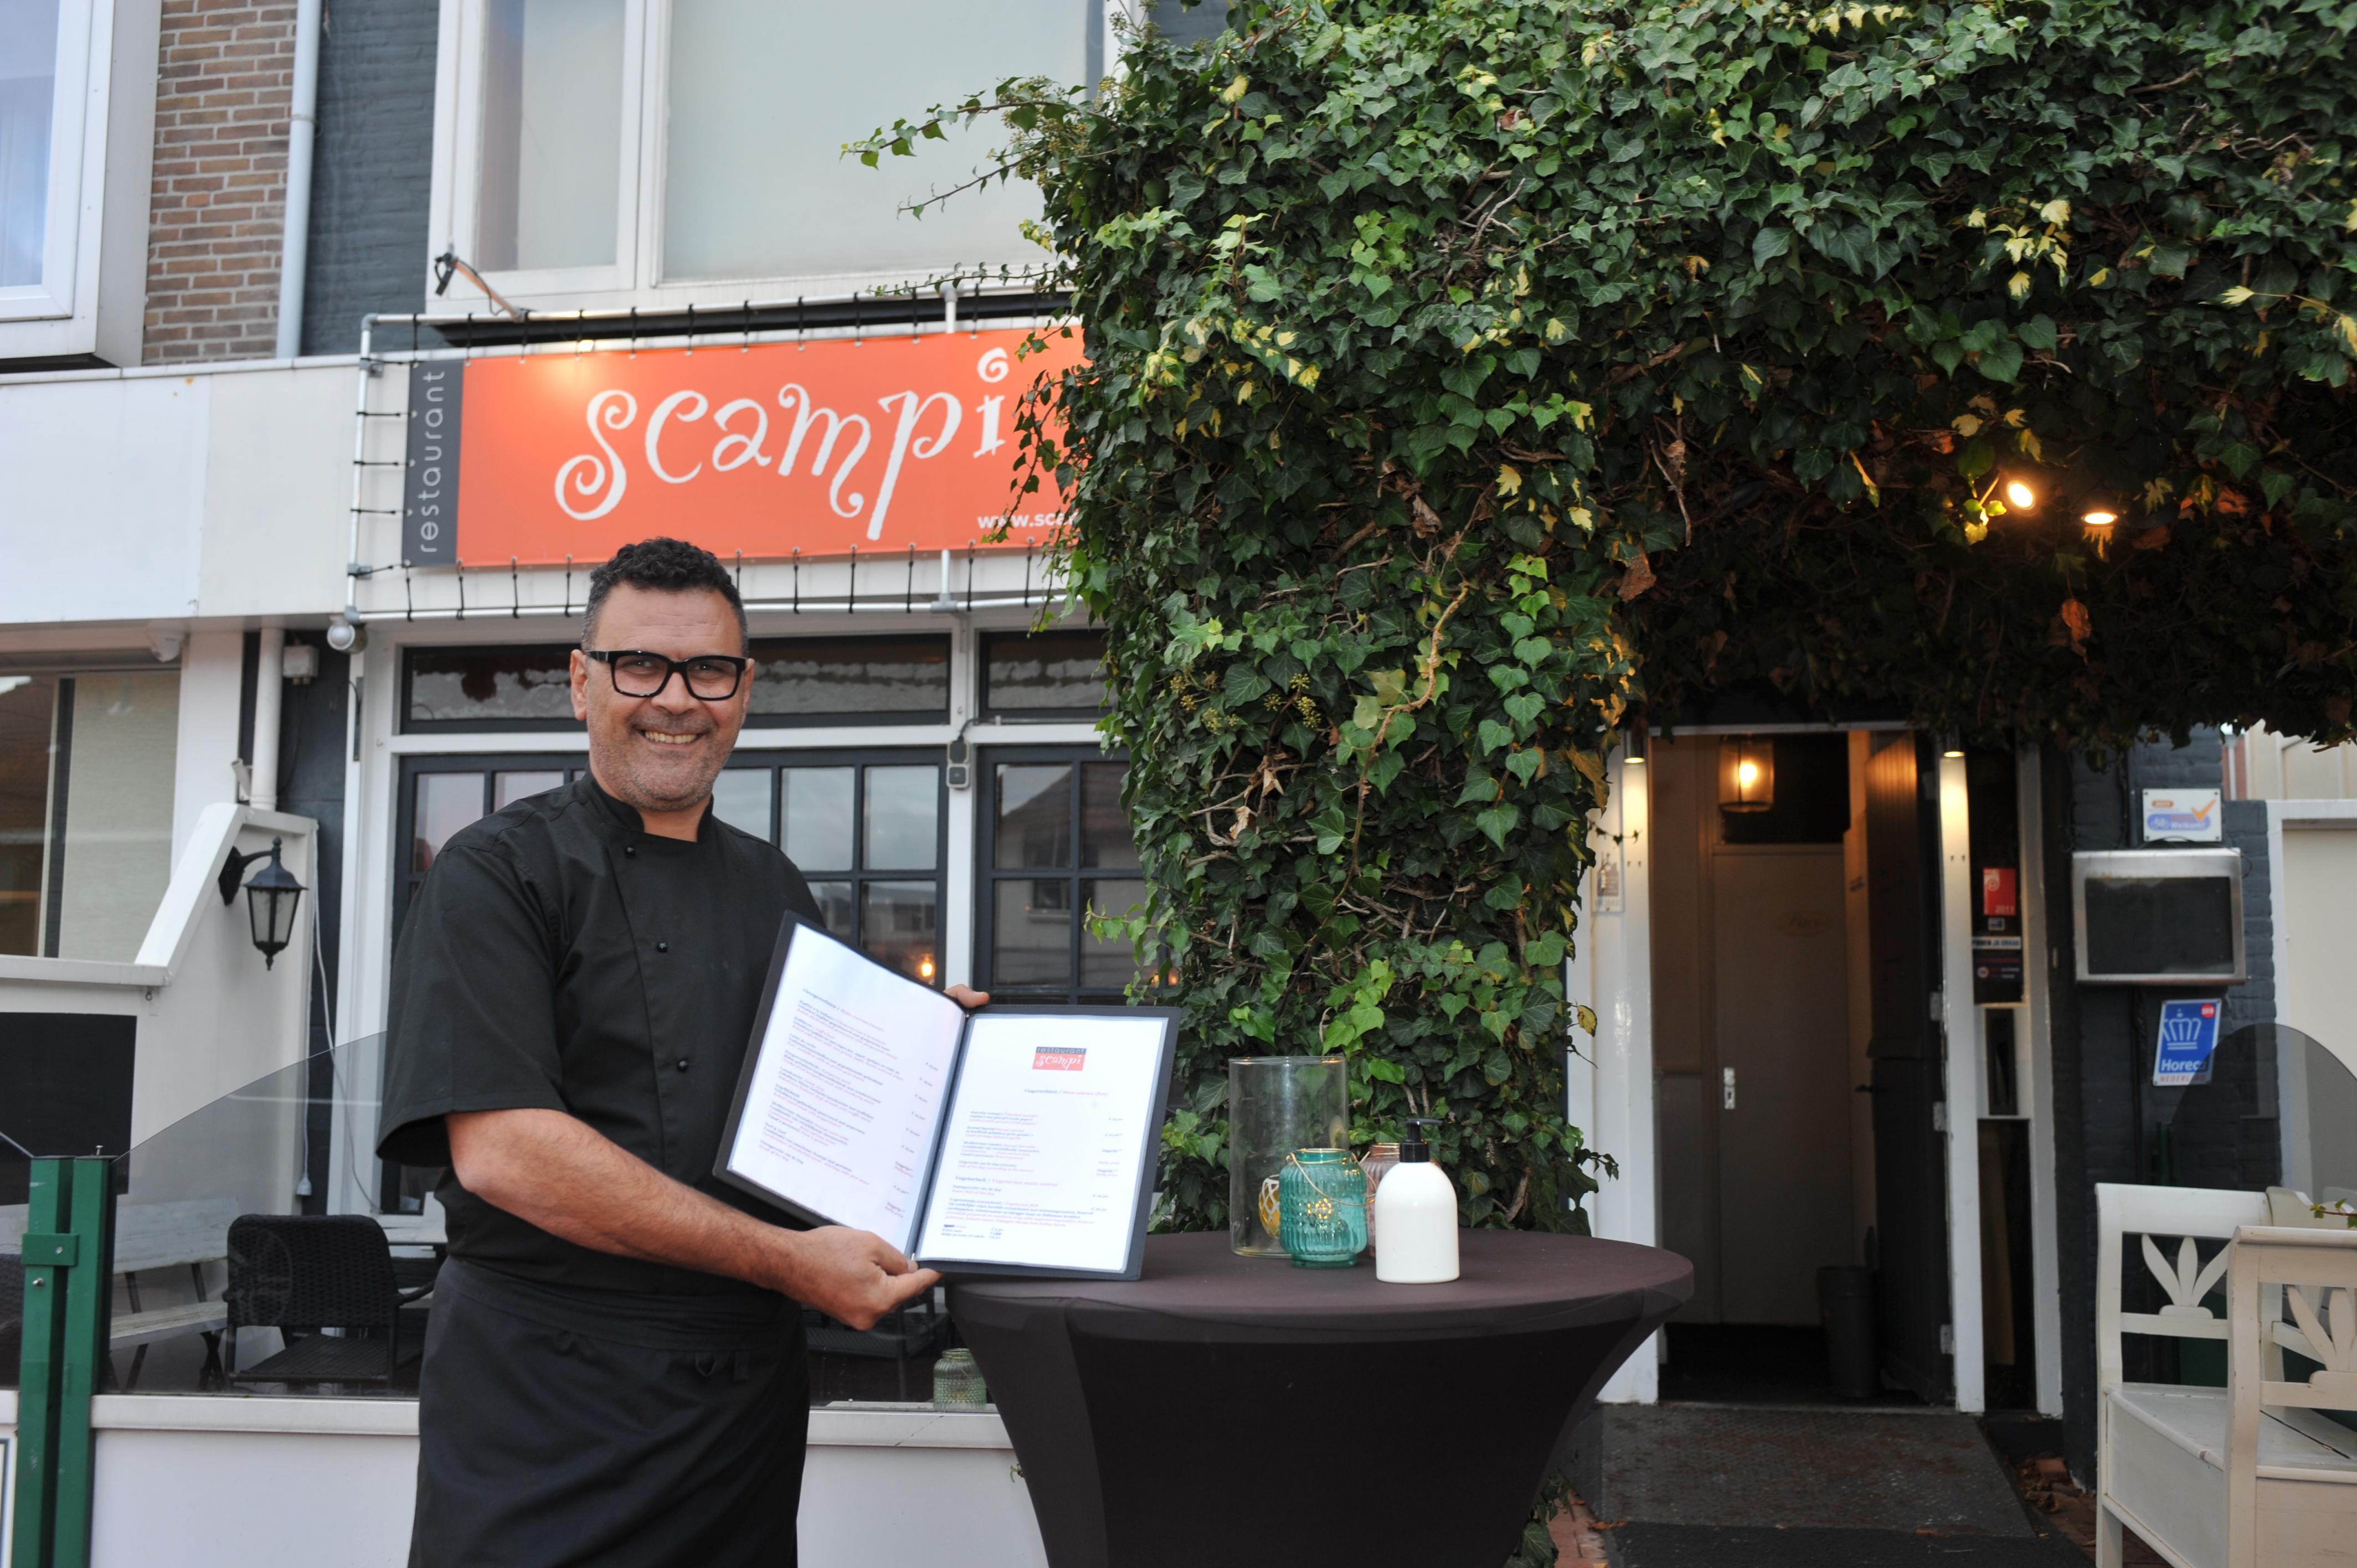 Vanaf zaterdag kunnen liefhebbers van mediterraans eten de maaltijden ook laten bezorgen door Scampi in Velsen-Noord